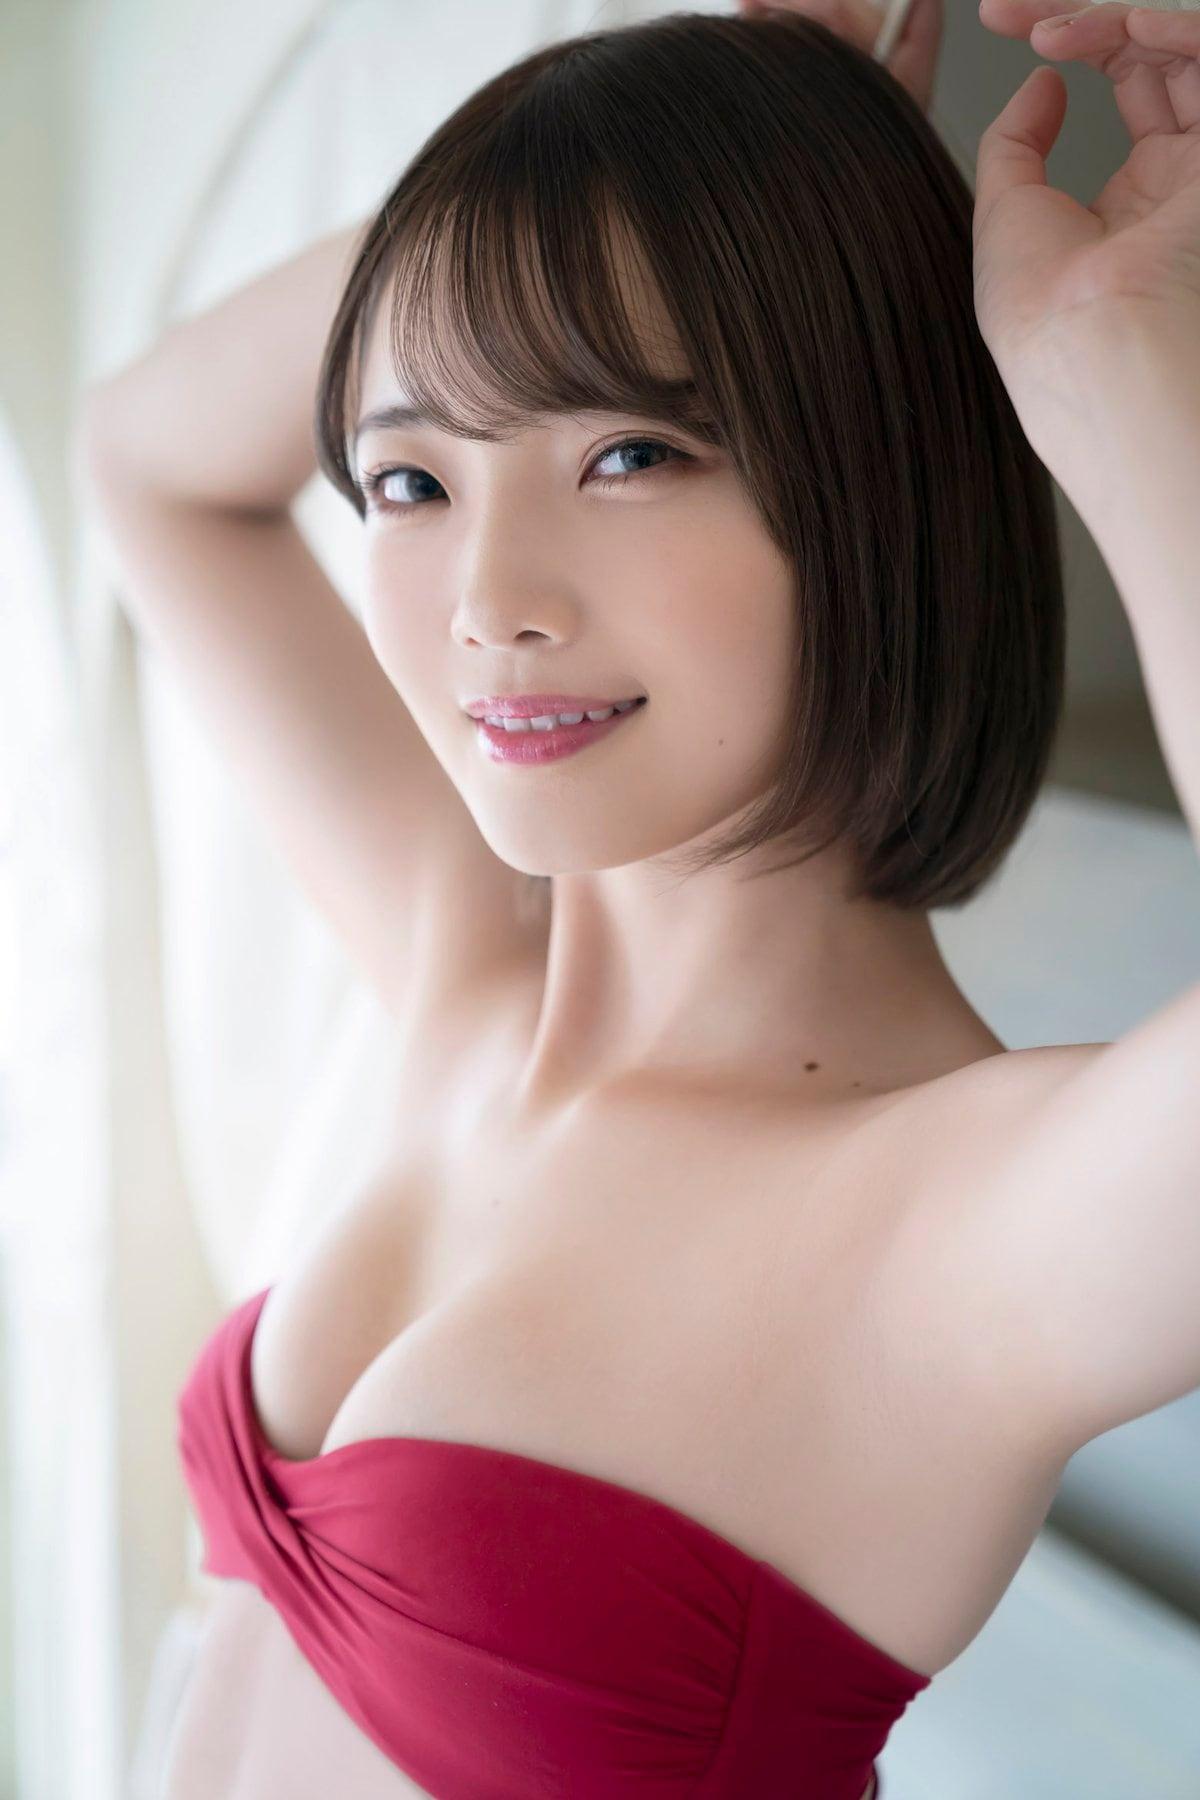 新谷姫加「透明感美少女」『ヤングアニマル』のアザーカット大公開!【画像6枚】の画像005